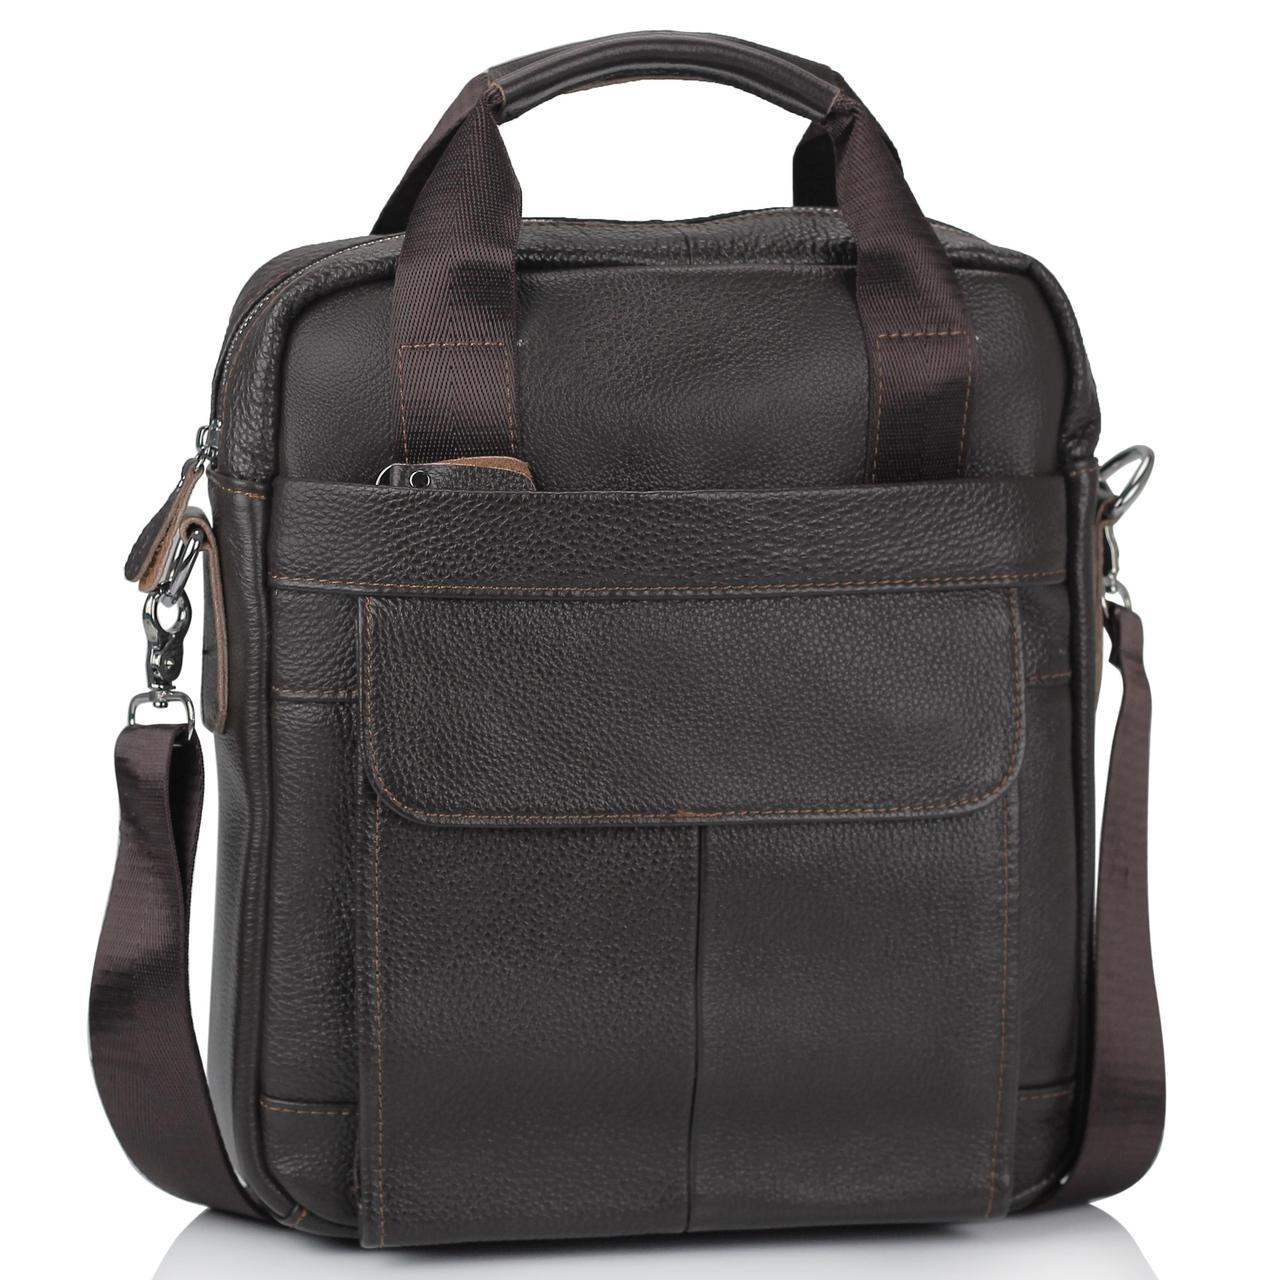 Сумка через плечо кожаная мужская Tiding Bag M38-8861DB